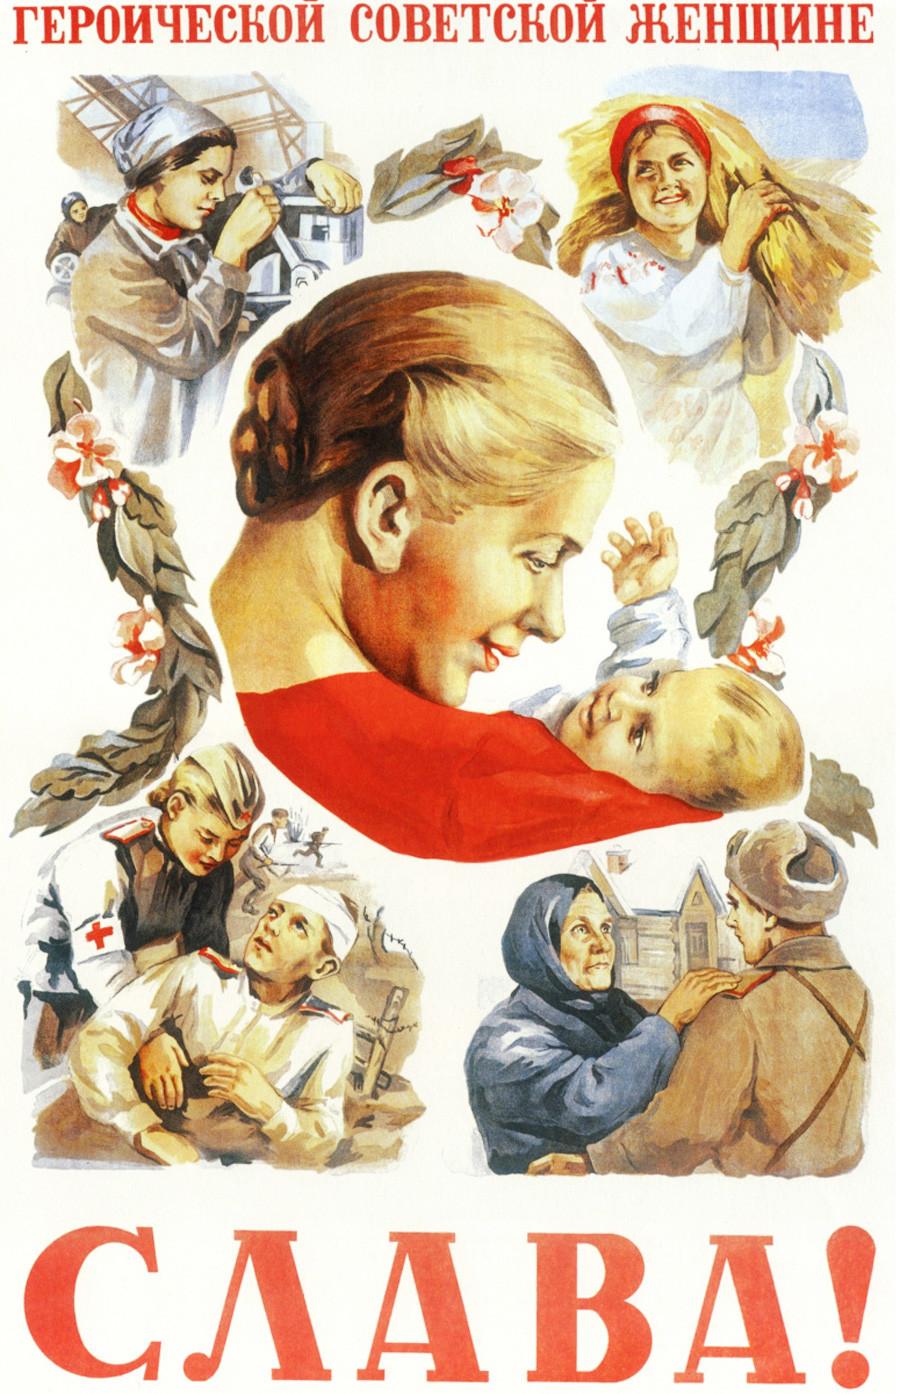 Ruhm der heroischen sowjetischen Frau!